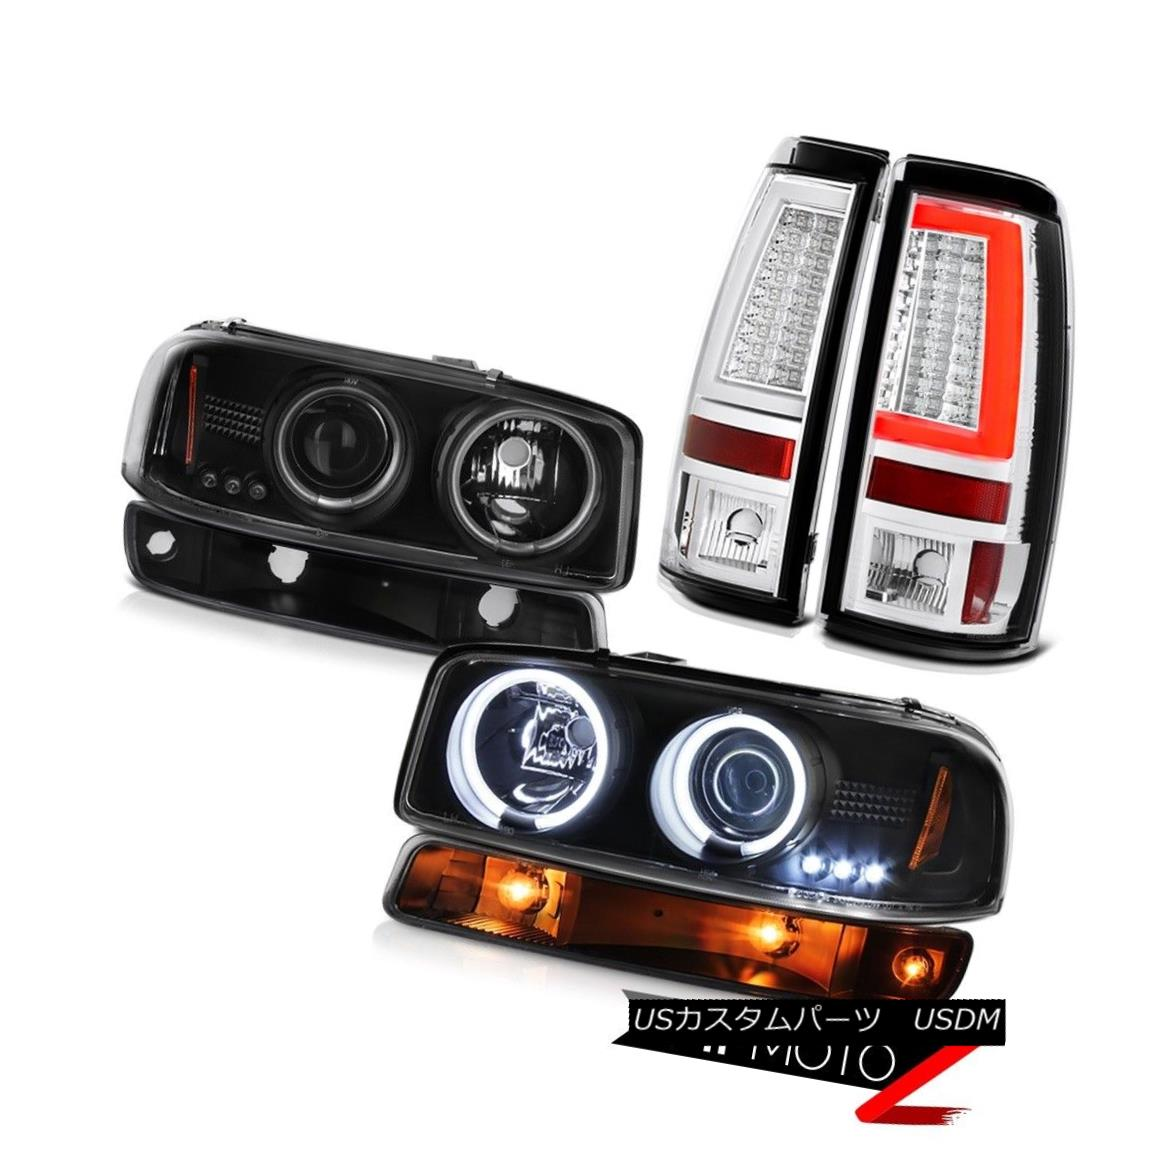 テールライト 99-06 Sierra SL Tail Lamps Signal Lamp CCFL Headlamps LED Halo Rim